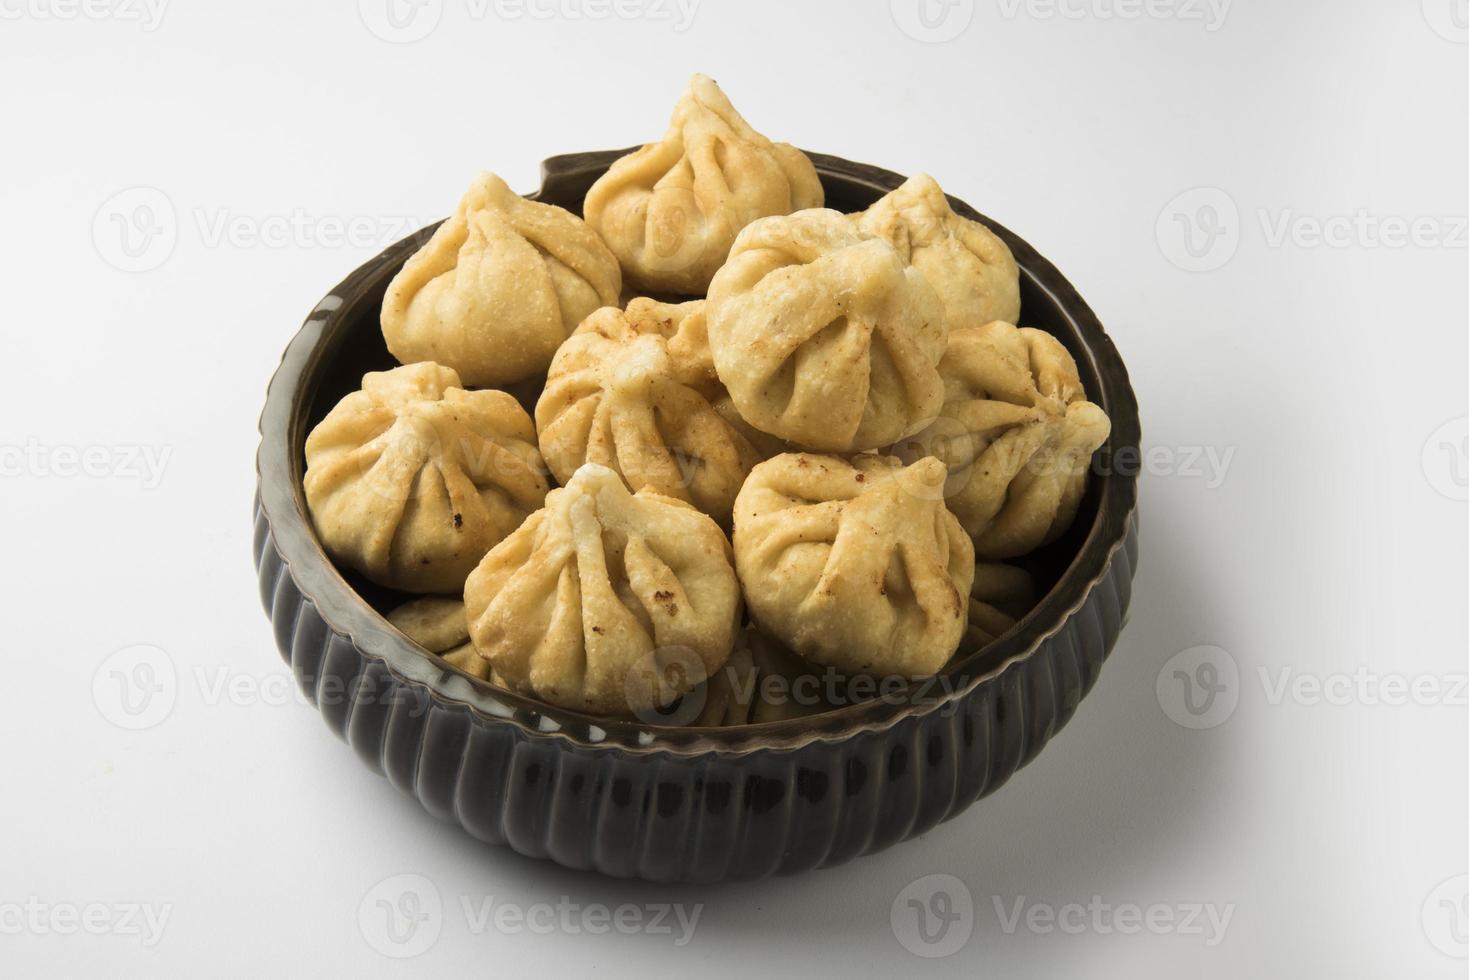 geserveerd plaat van heilige Indiase zoete recept modak foto